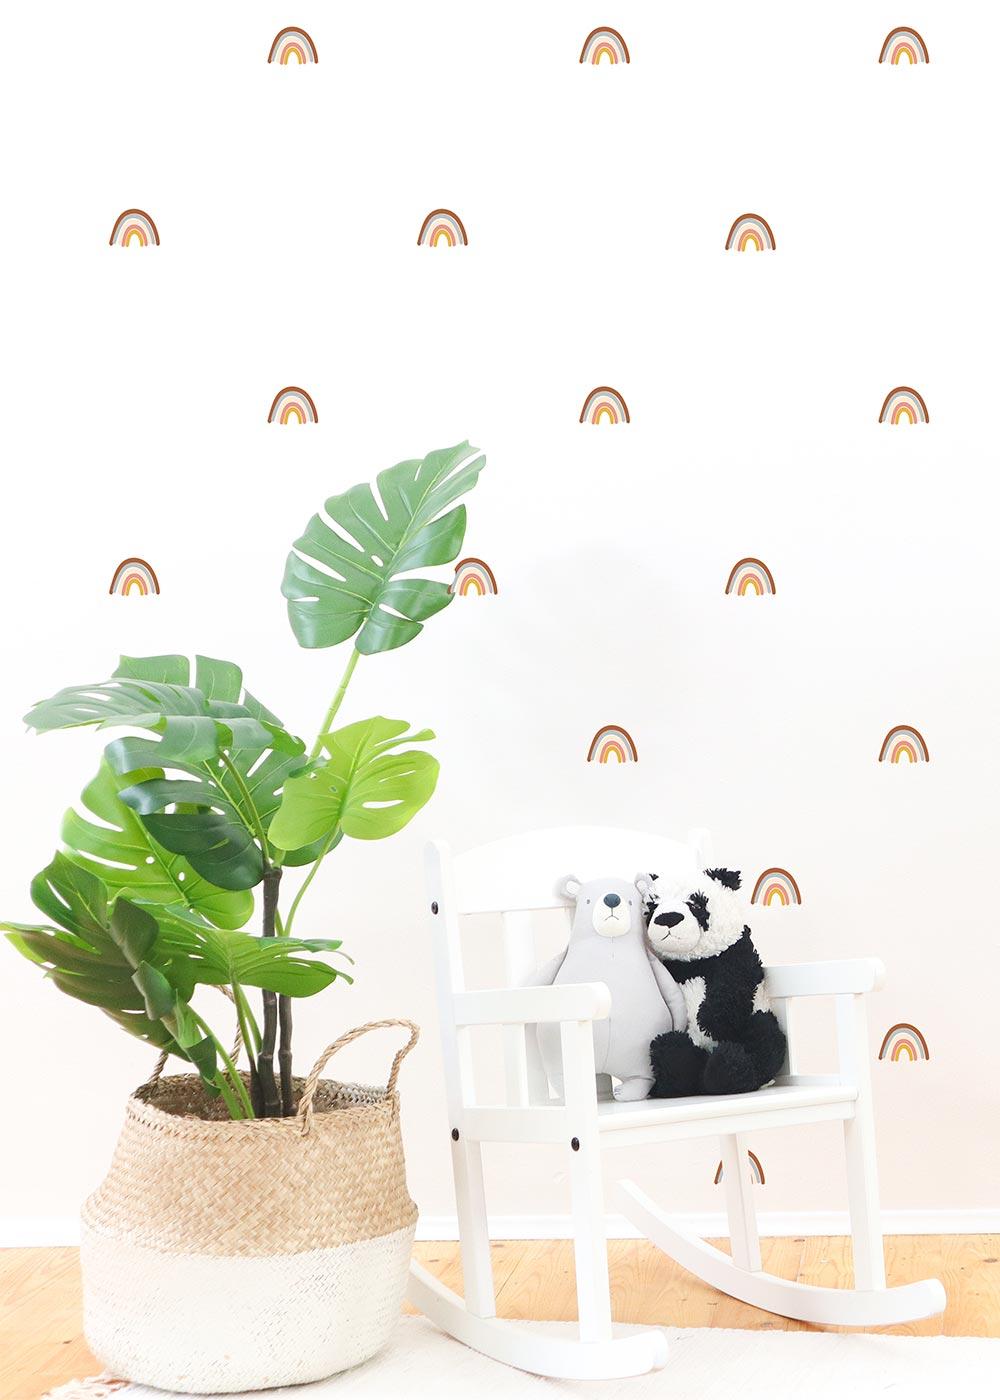 Wandtattoo Regenbögen Wandgestaltung im Kinderzimmer Camel Ausschnitt